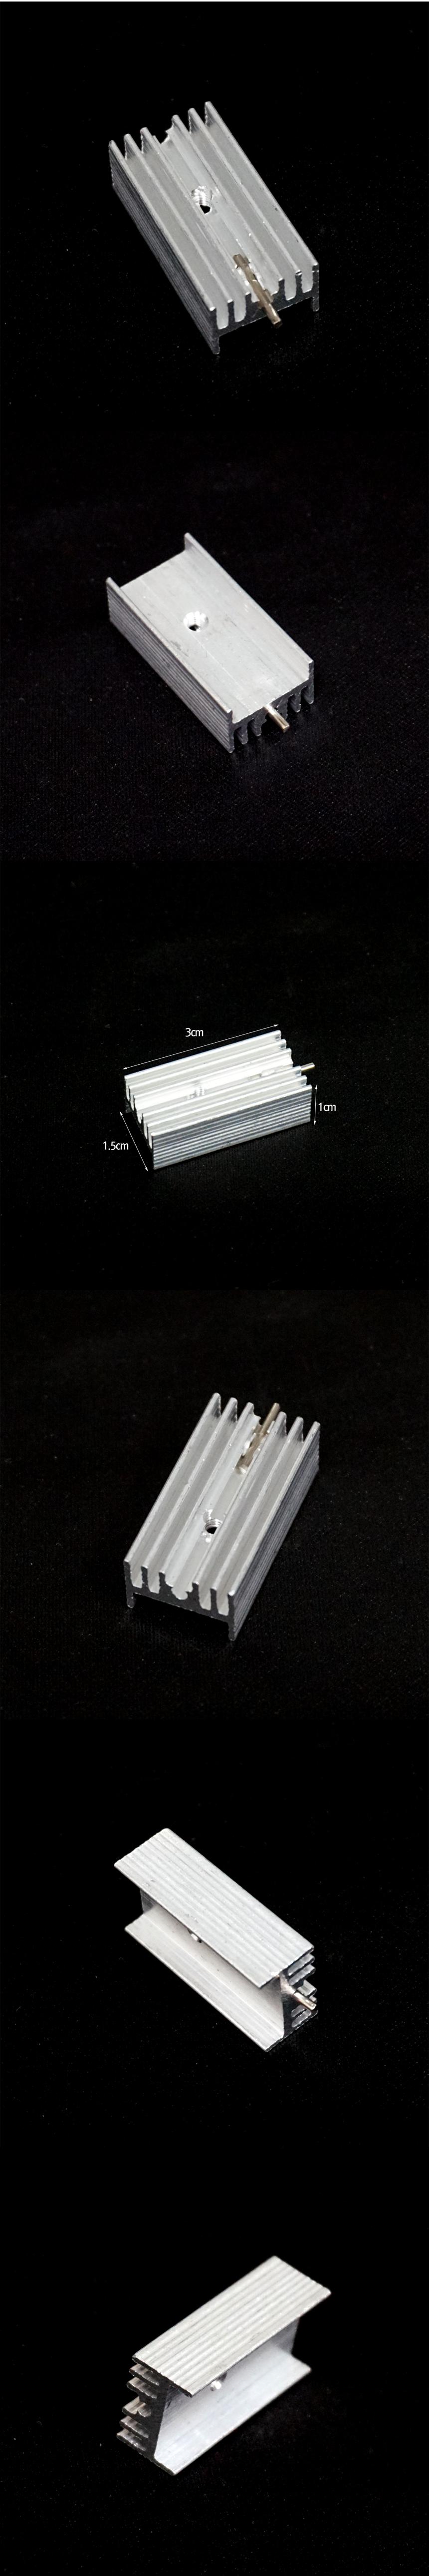 정전압변환 레귤레이터용 방열판 (3x1.5x1cm)